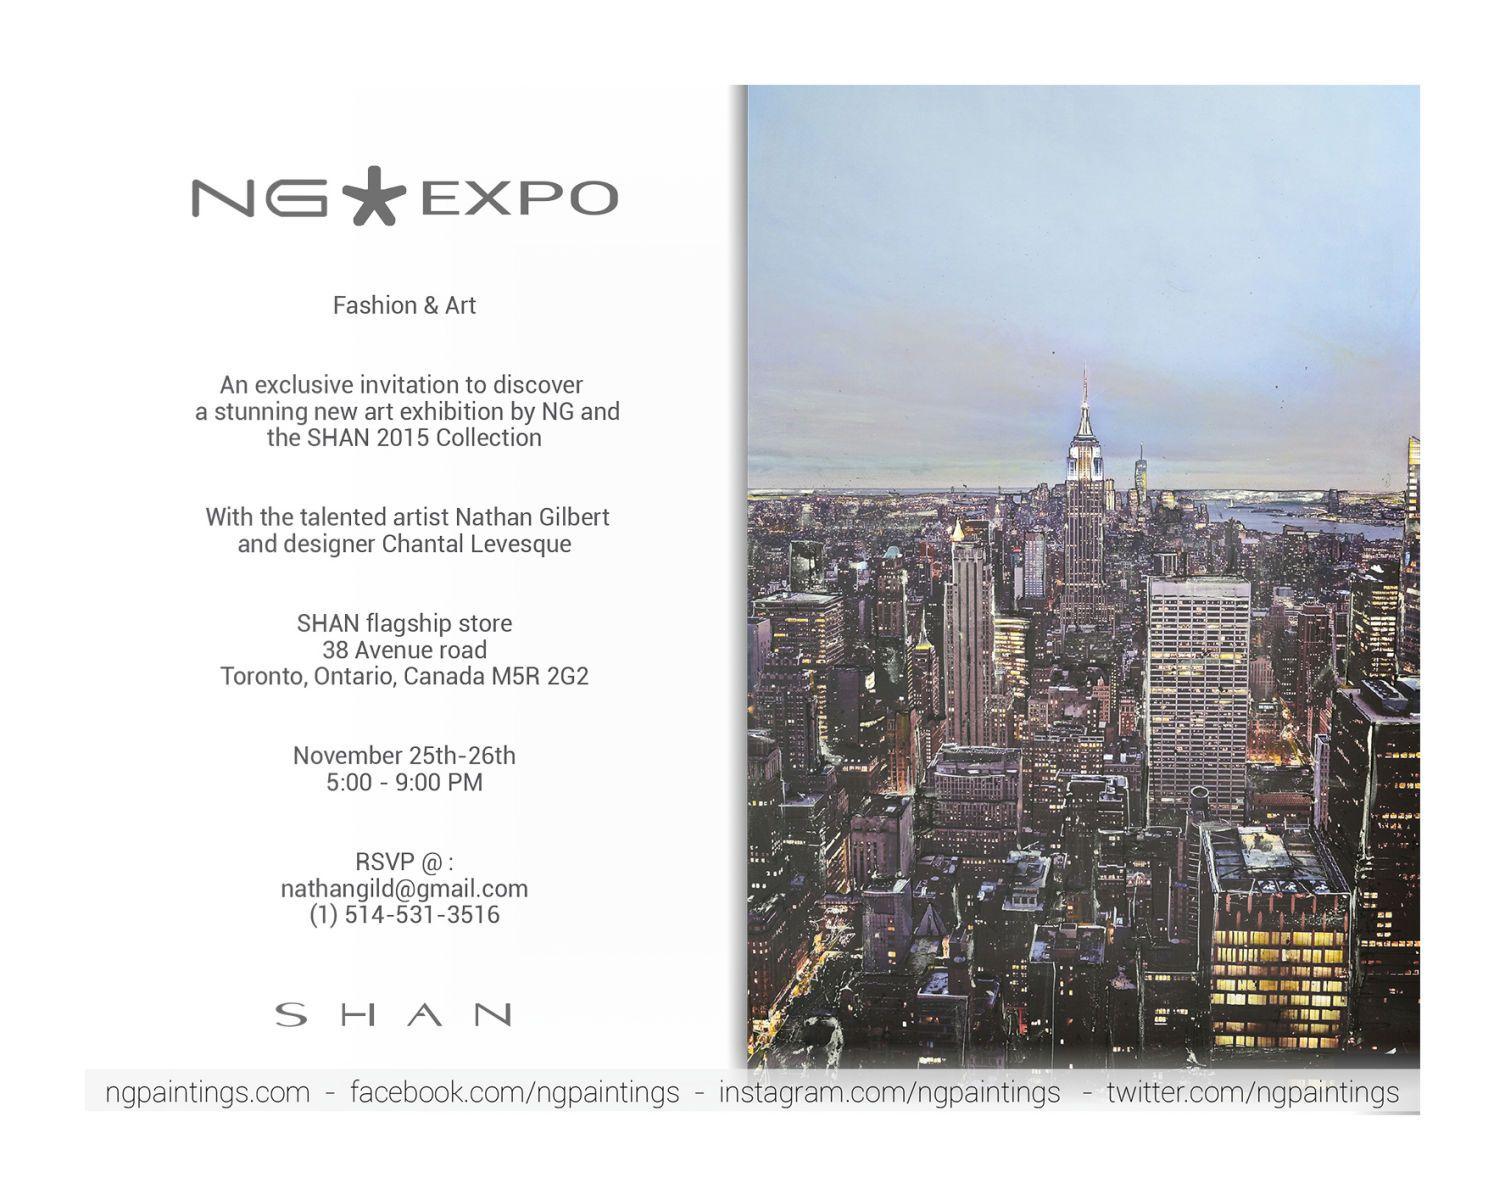 NGexpo ''Fashion & Art''